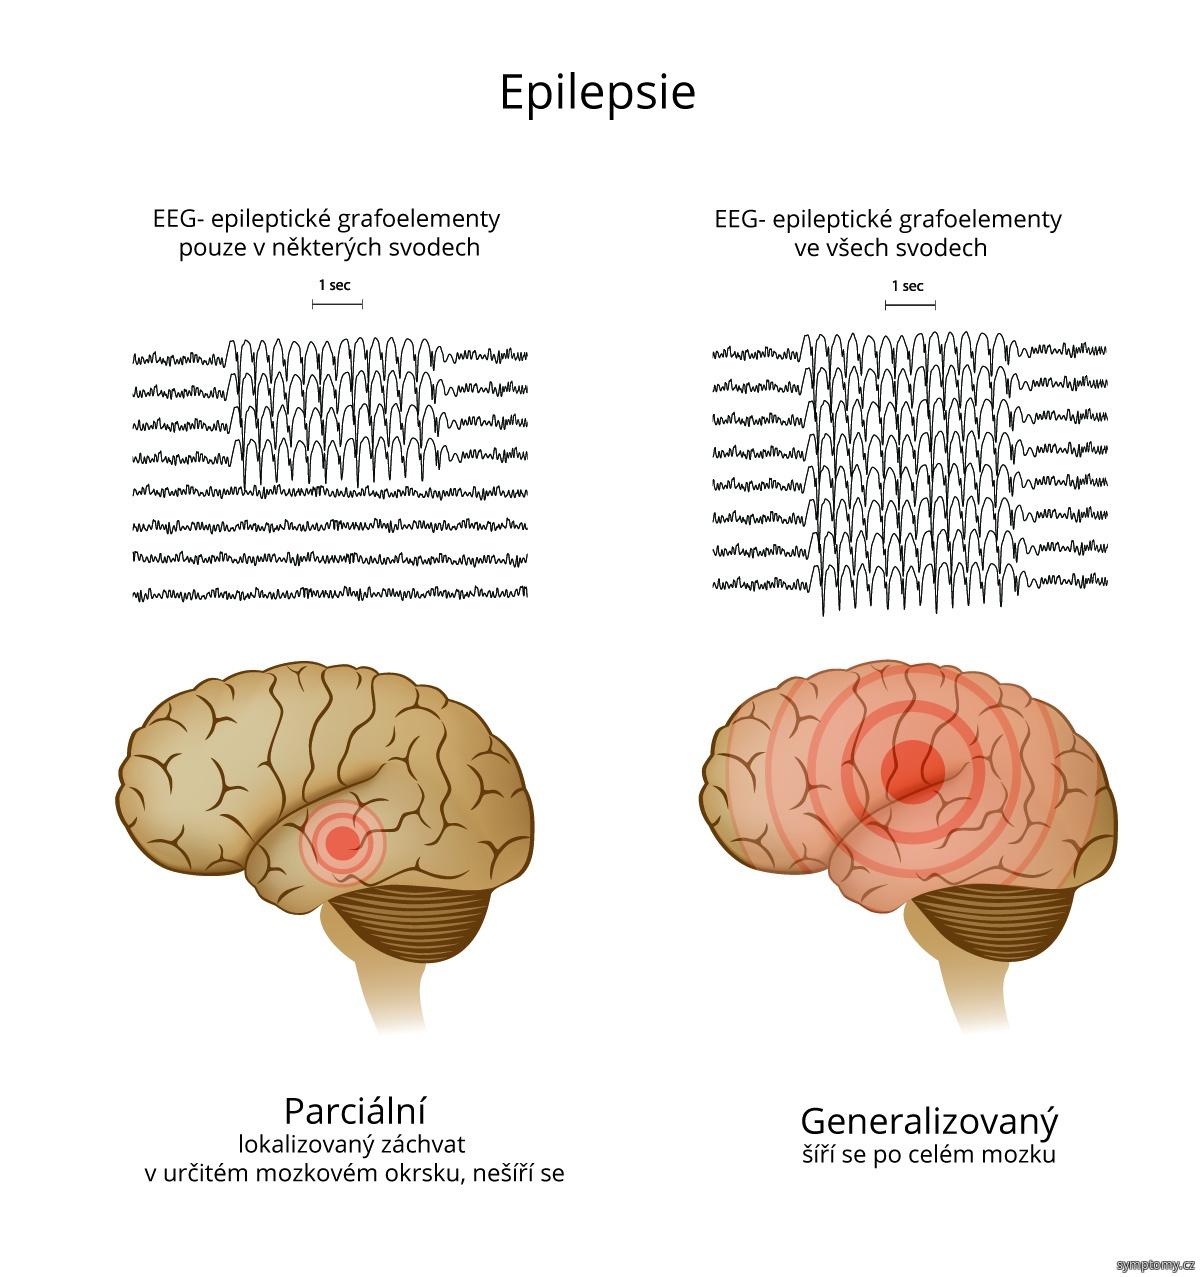 Epilepsie - parciální a generalizovaný záchvat